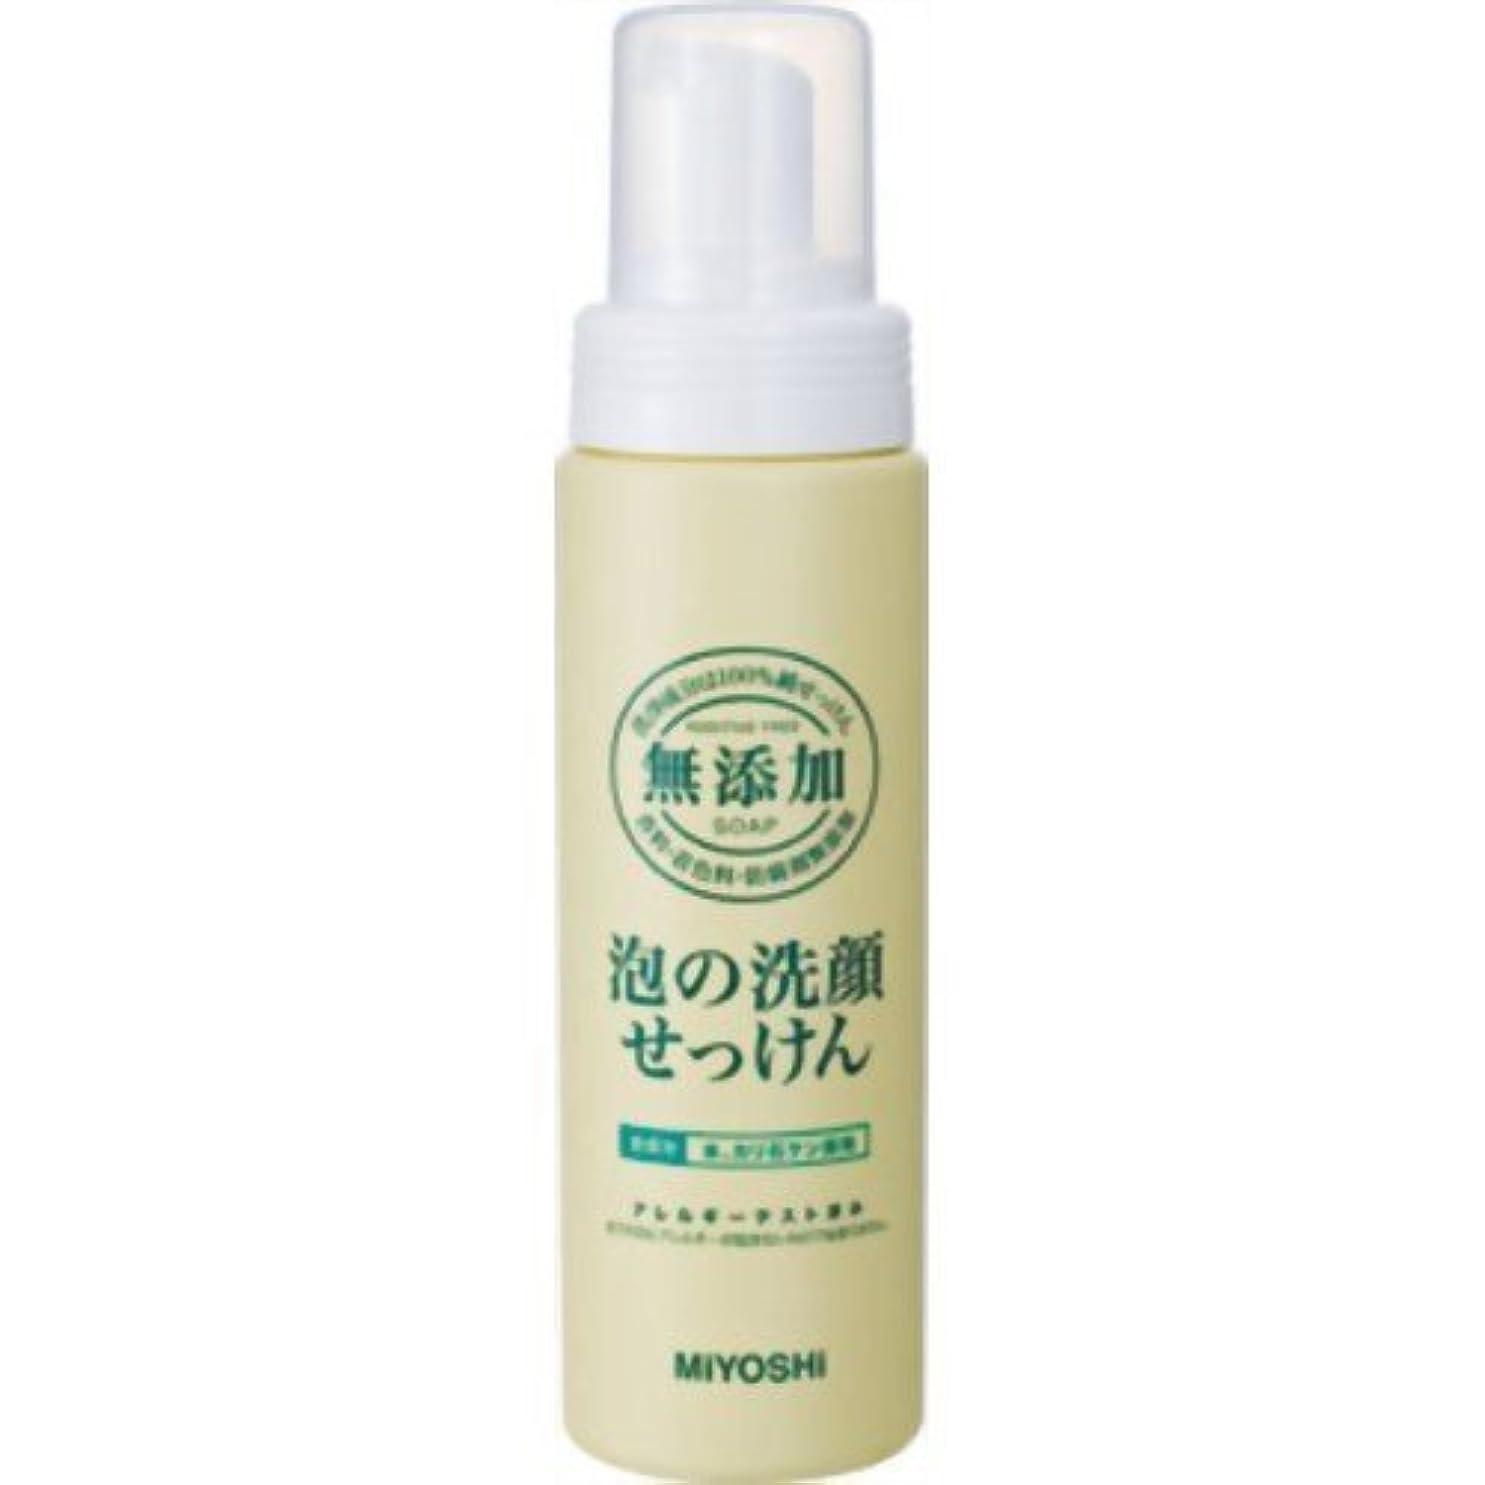 自動的に完璧な固有の無添加泡の洗顔せっけんポンプボトル × 3個セット